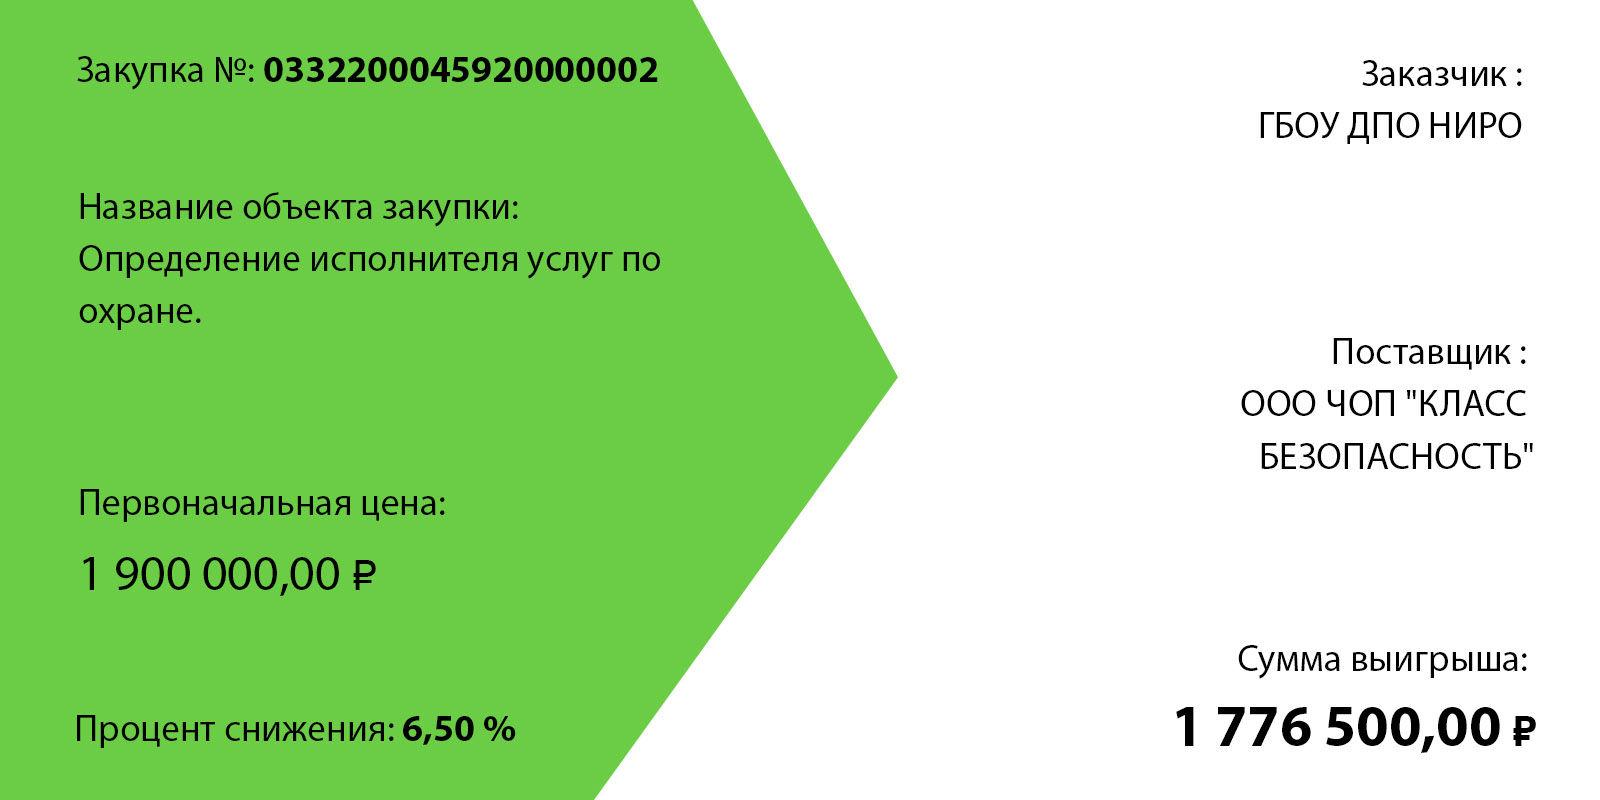 тендерная студия кейс чоп класс безопасность 1900000 26022020